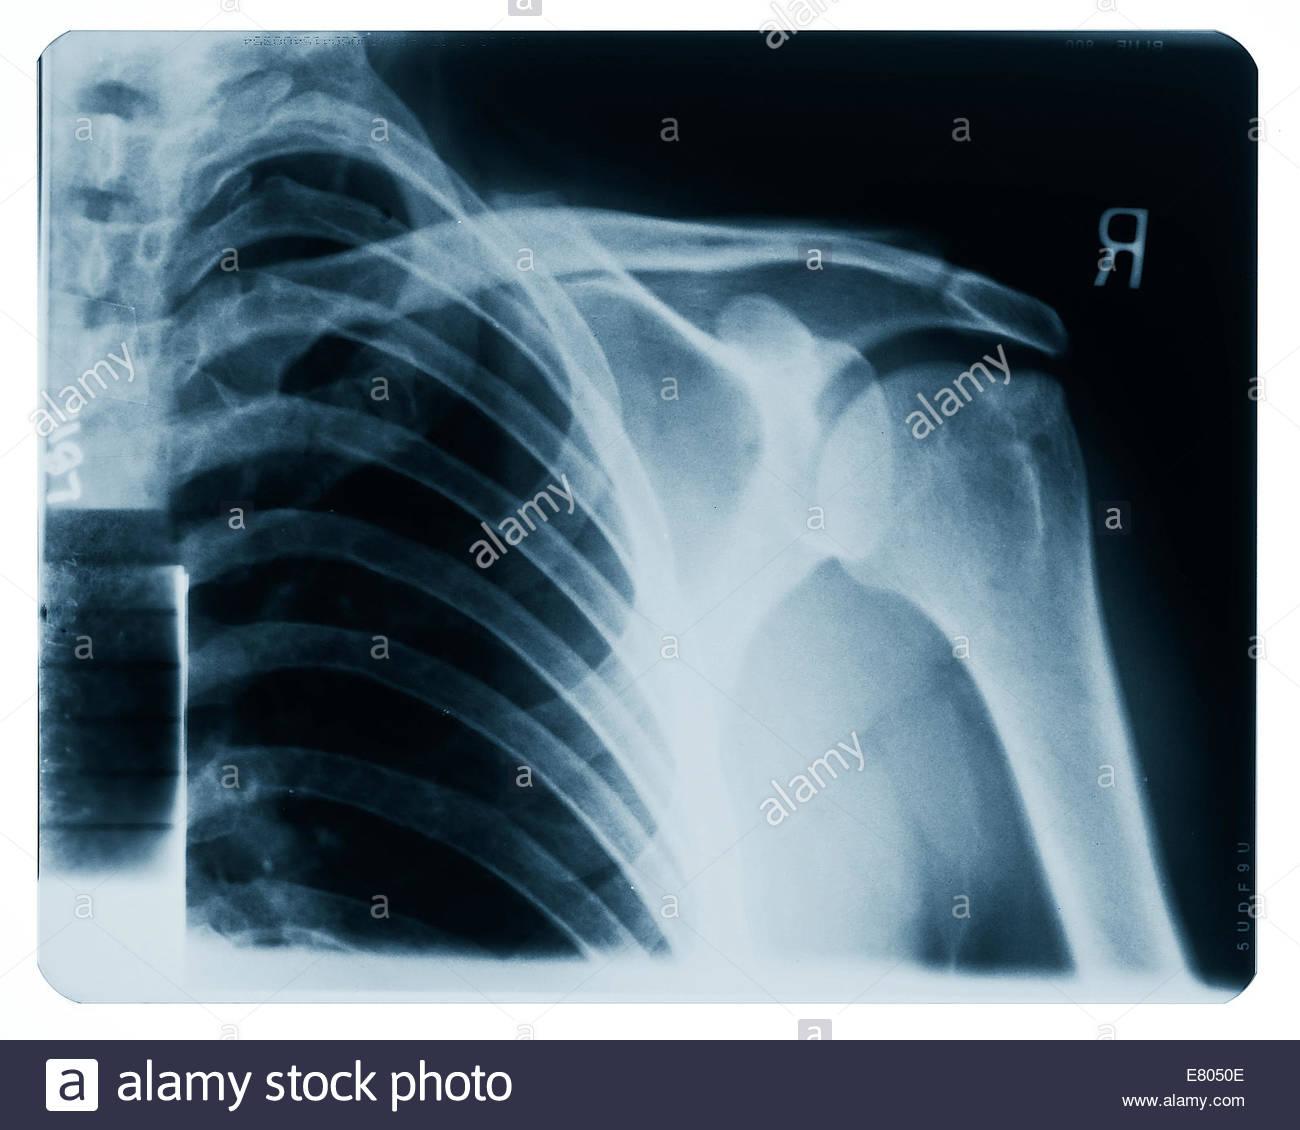 Röntgenbilder von Brust, Schulter, Arm & Körper teilen. Prüfen Sie ...